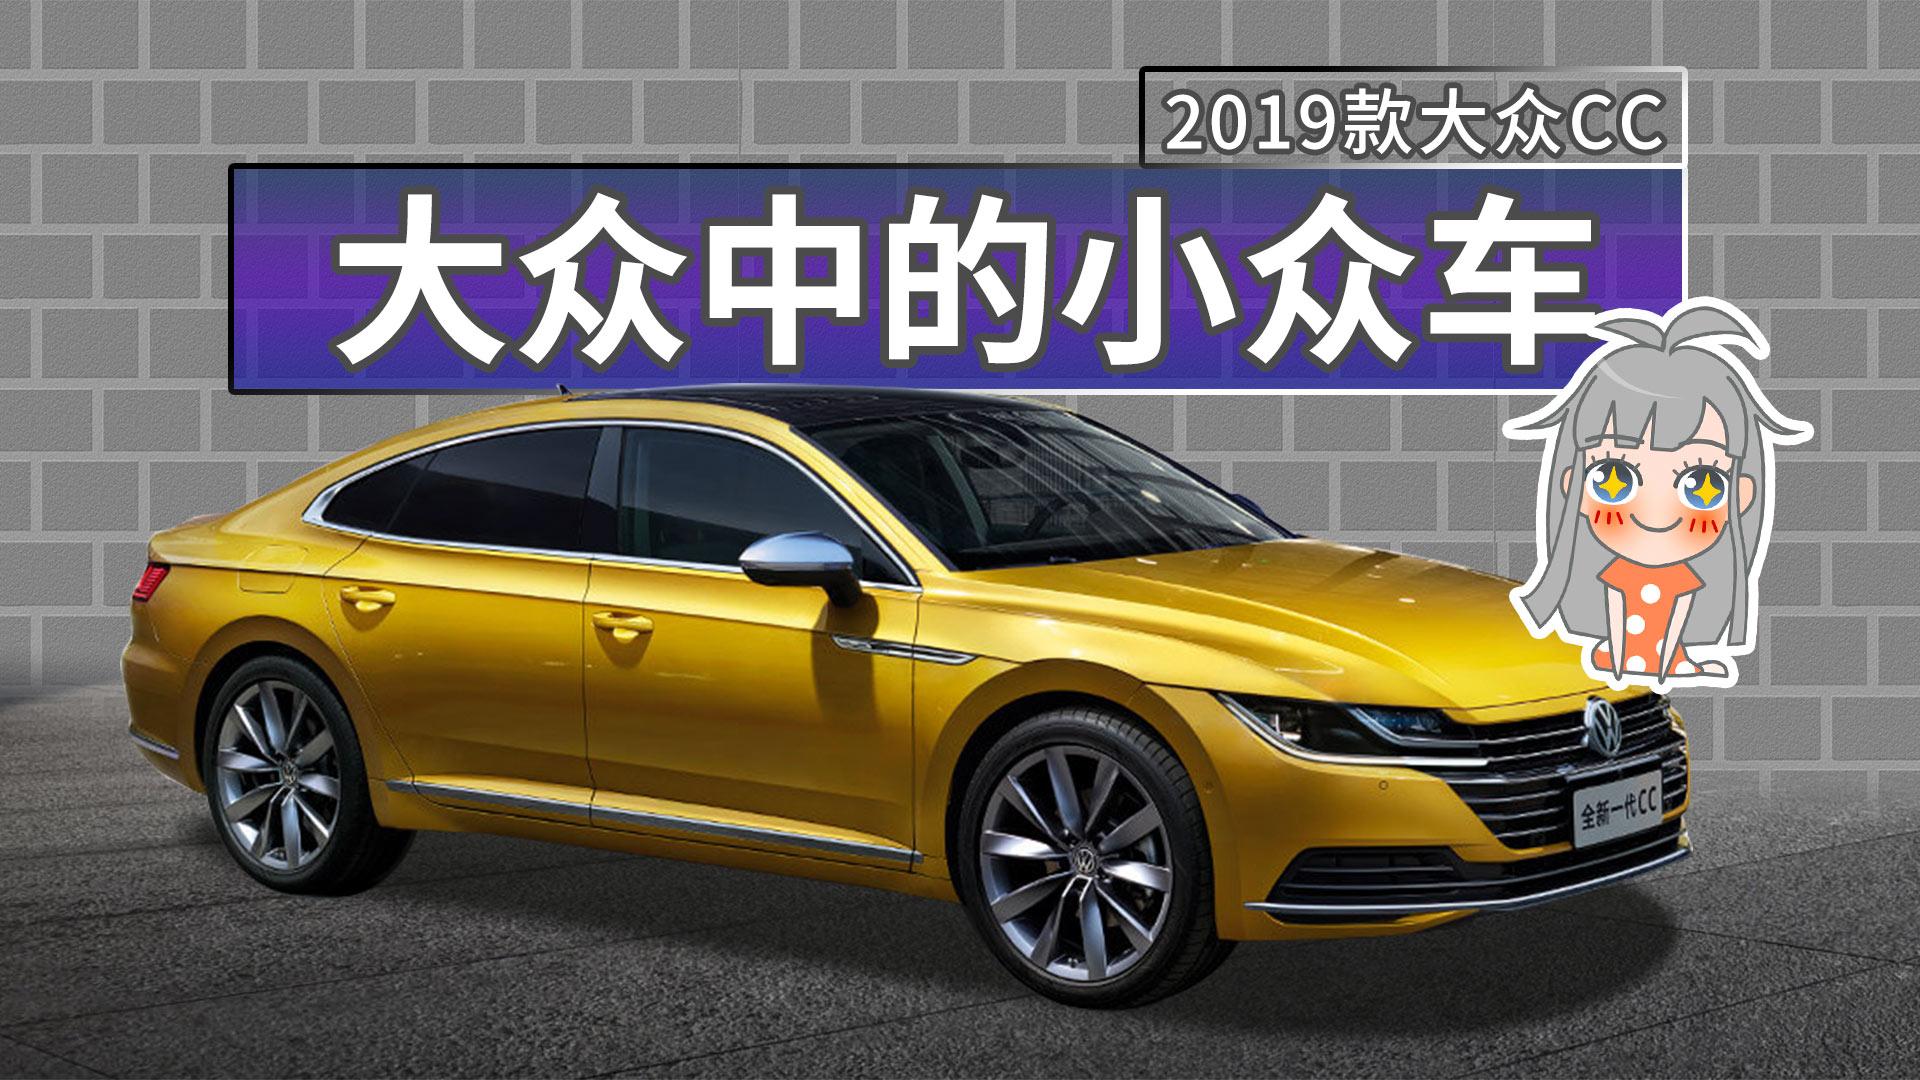 【购车300秒】小众的大众车 2019款大众CC车型解析